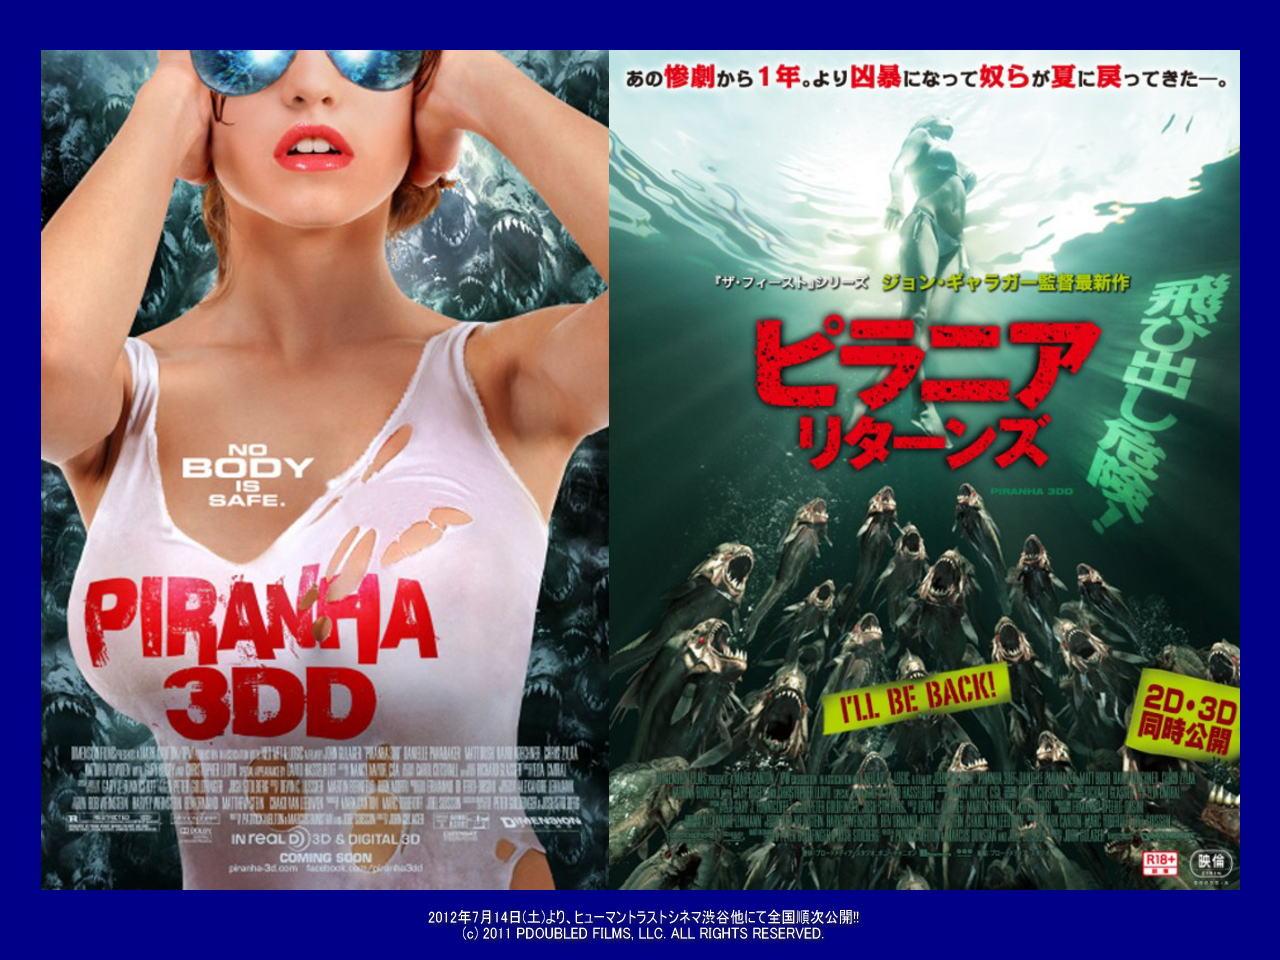 映画『ピラニア リターンズ PIRANHA 3DD』ポスター(5)▼ポスター画像クリックで拡大します。